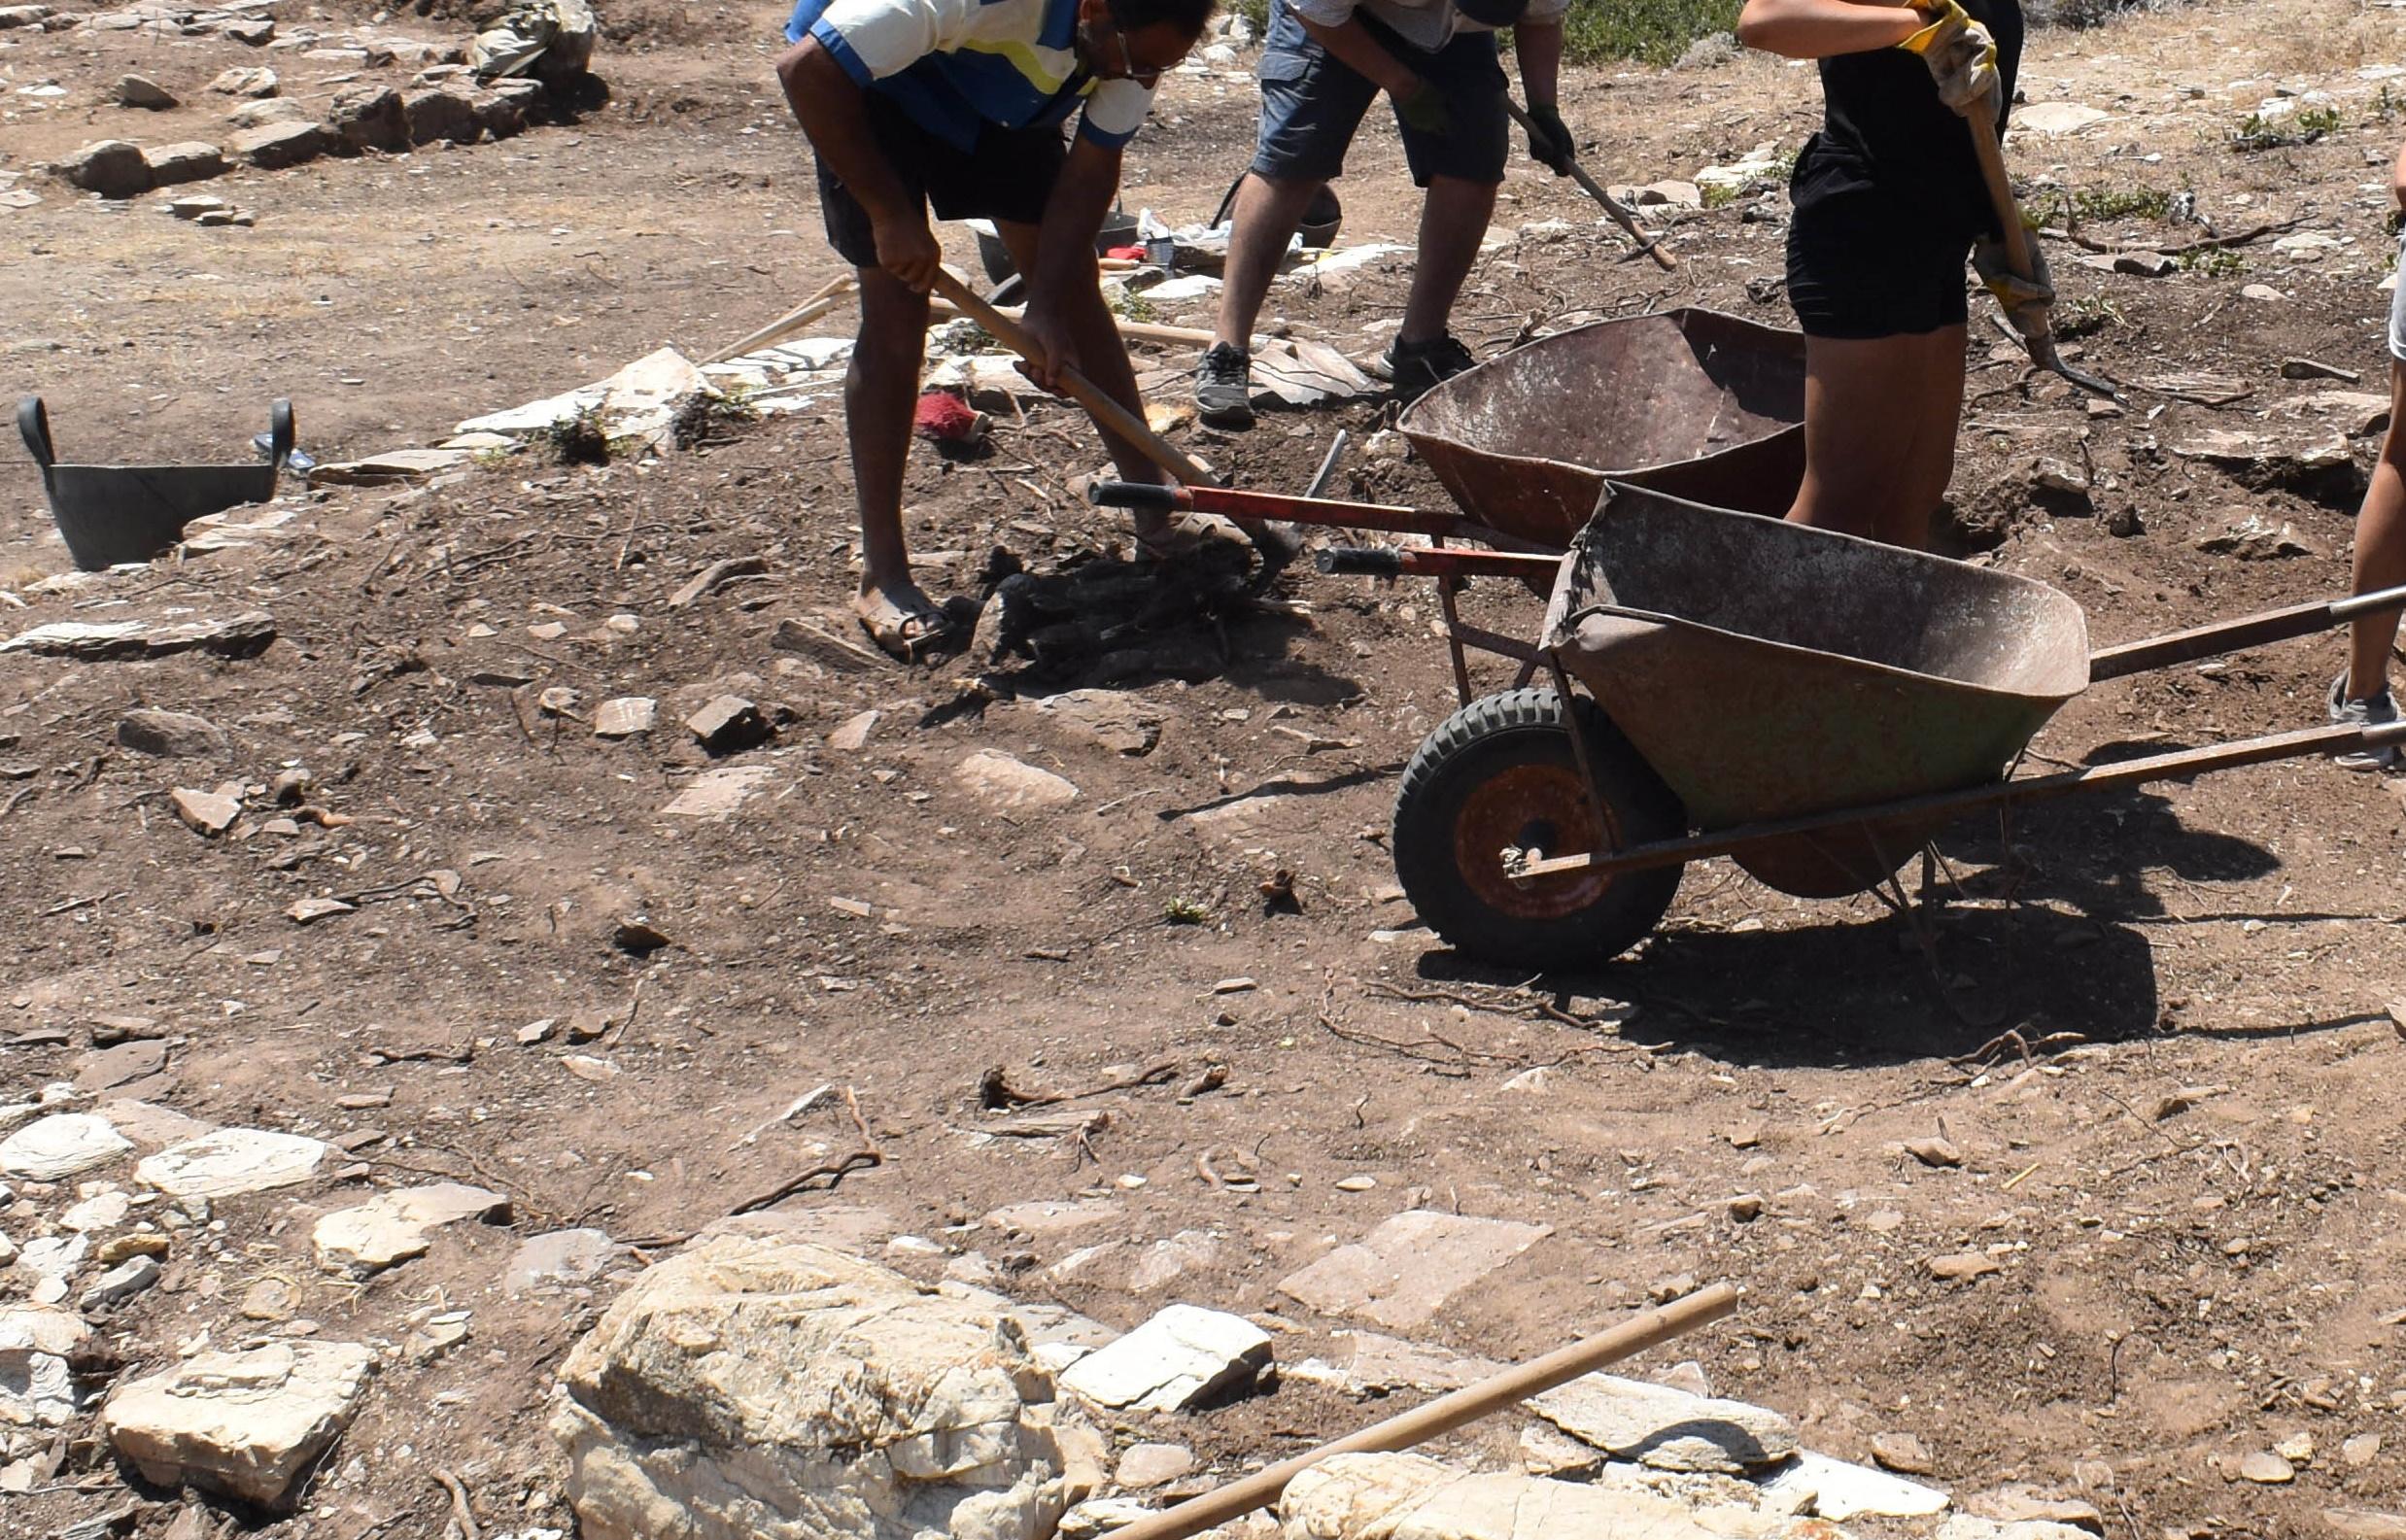 Πέθανε ο σπουδαίος αρχαιολόγος Σινκλέρ Χουντ – Συμμετείχε σε ανασκαφές στην Κνωσό